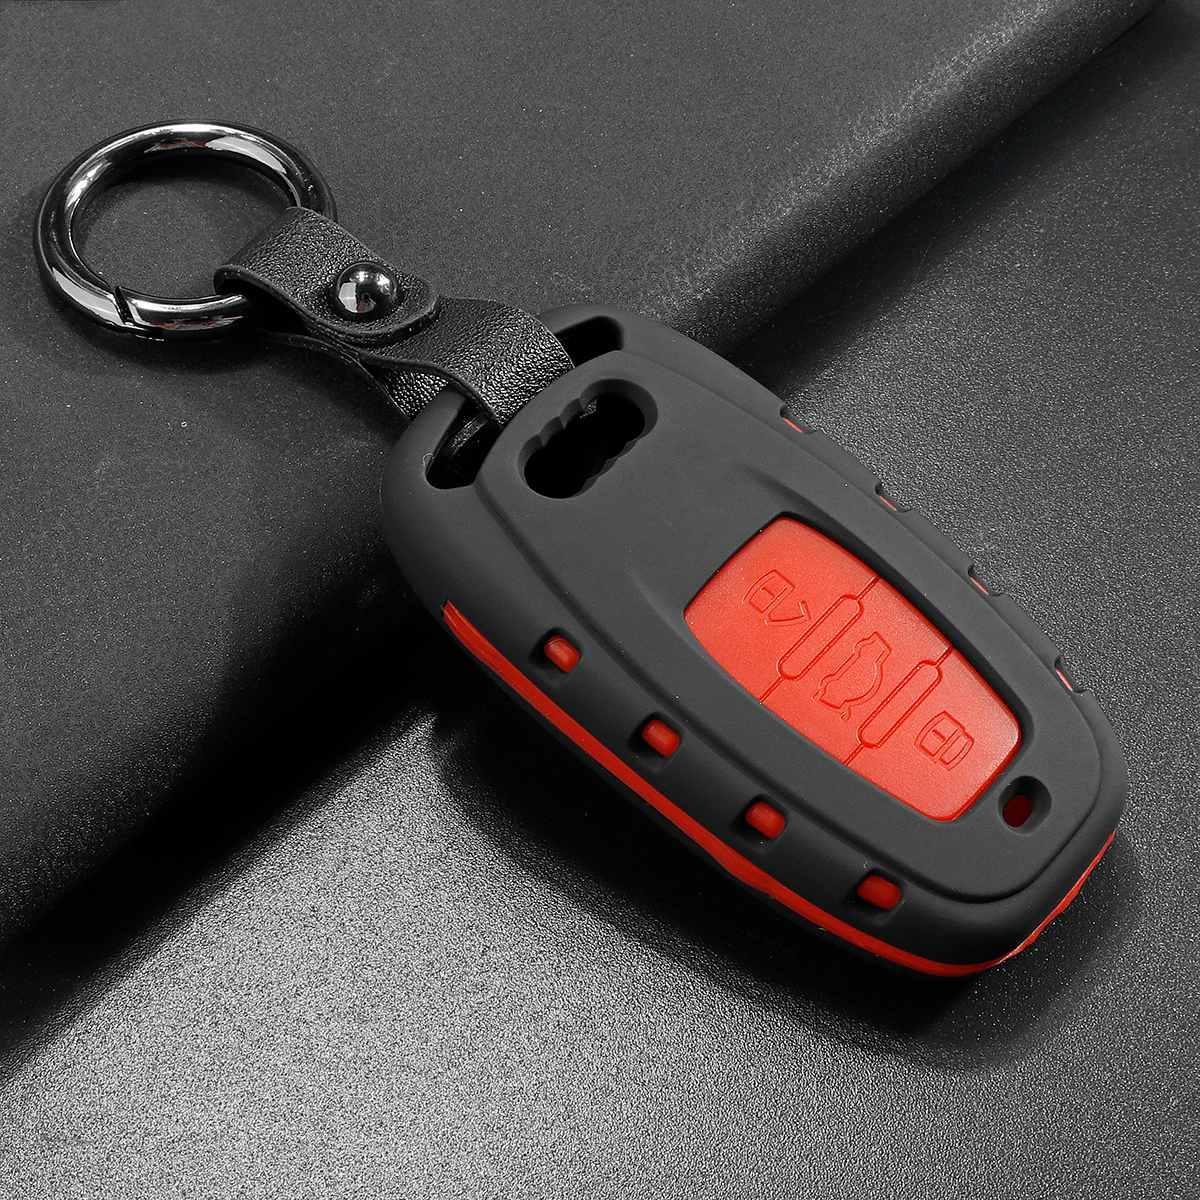 Матовый чехол для ключа Audi A1,A3,A4,A5,A6,A6 ALLROAD QUATTRO,A7,A8,Q2,Q3,Q5,Q7,Q8,R8,RS Q3,RS3,RS4,RS5